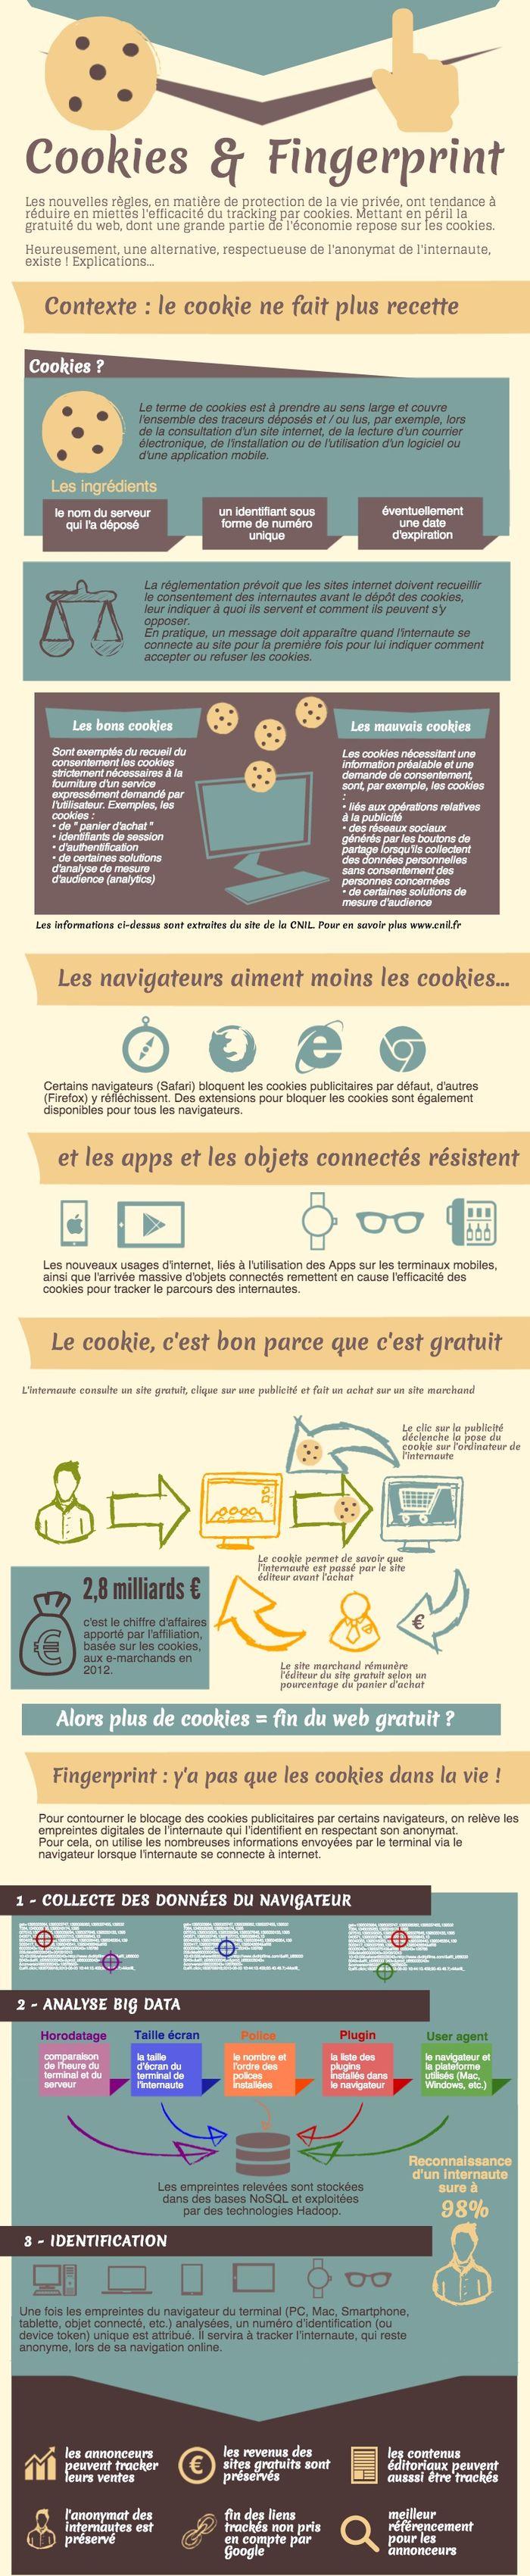 (c) infographie : Effiliation - cookies et fingerprint